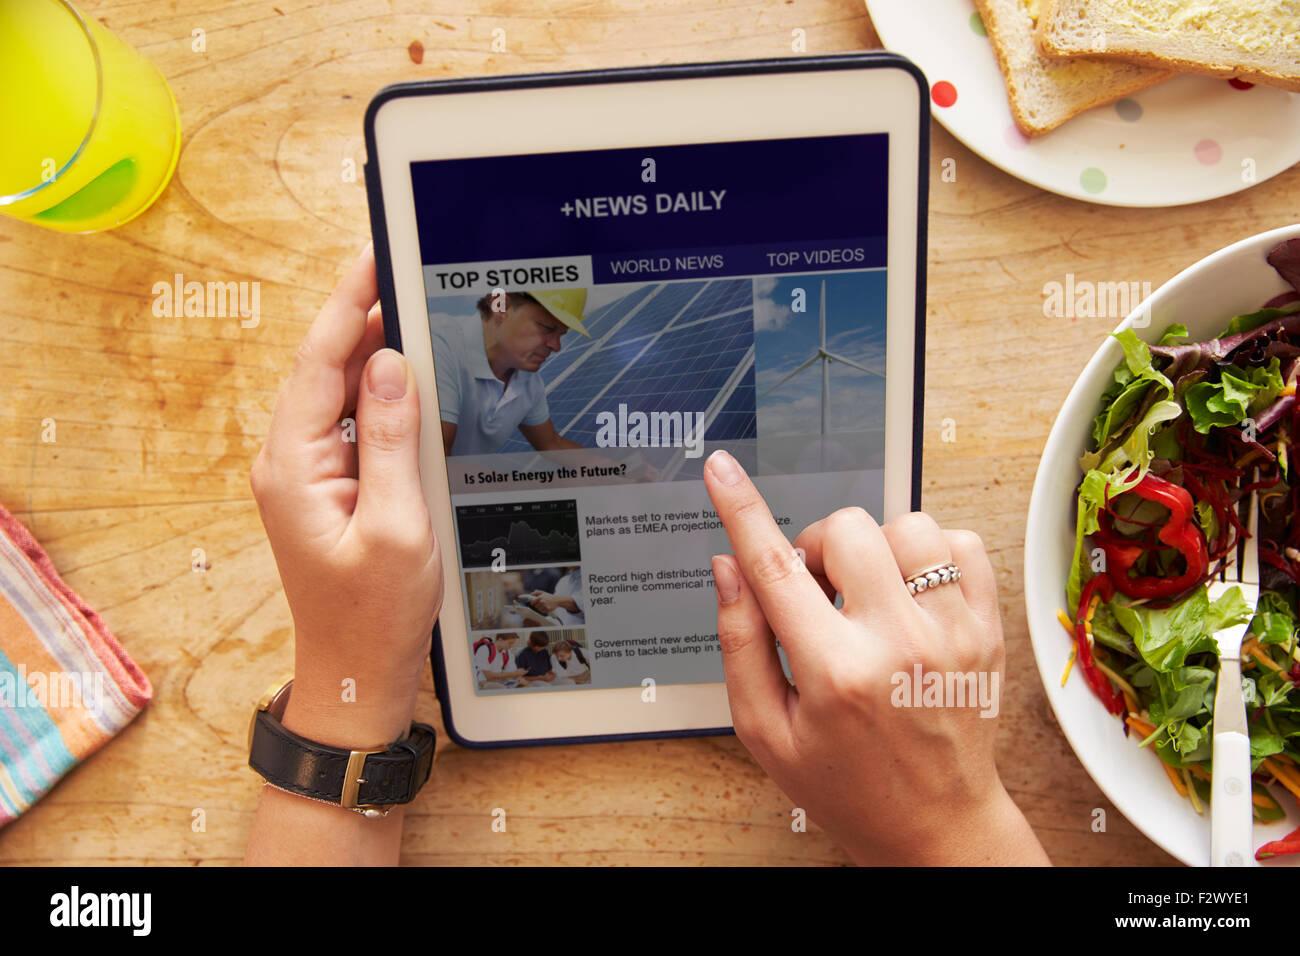 Personne au déjeuner à la recherche à l'application des nouvelles sur tablette numérique Photo Stock